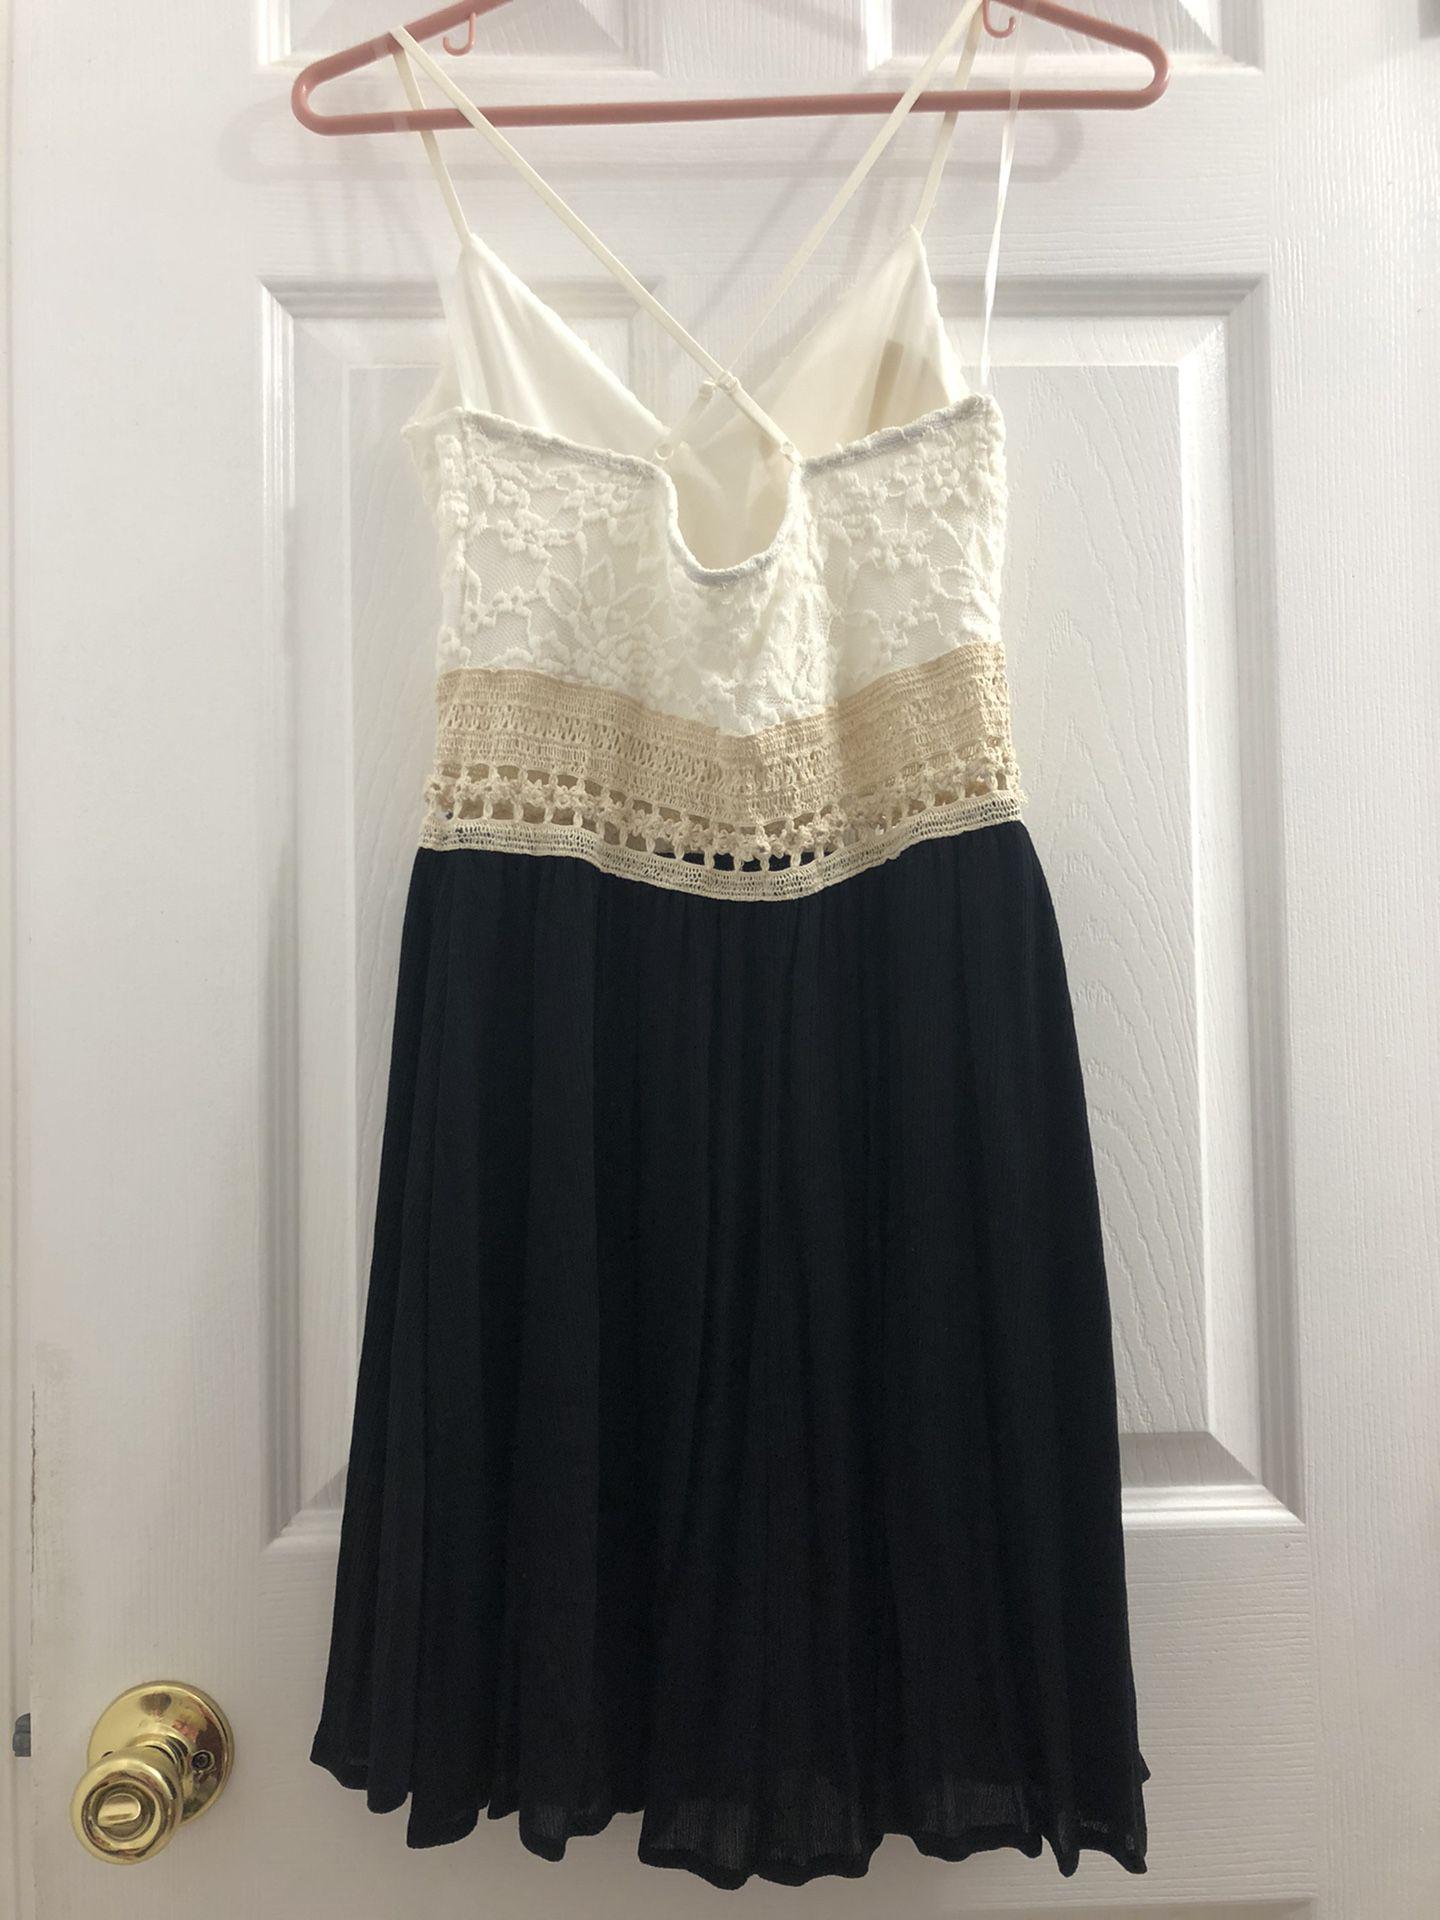 Lace dress (Small)